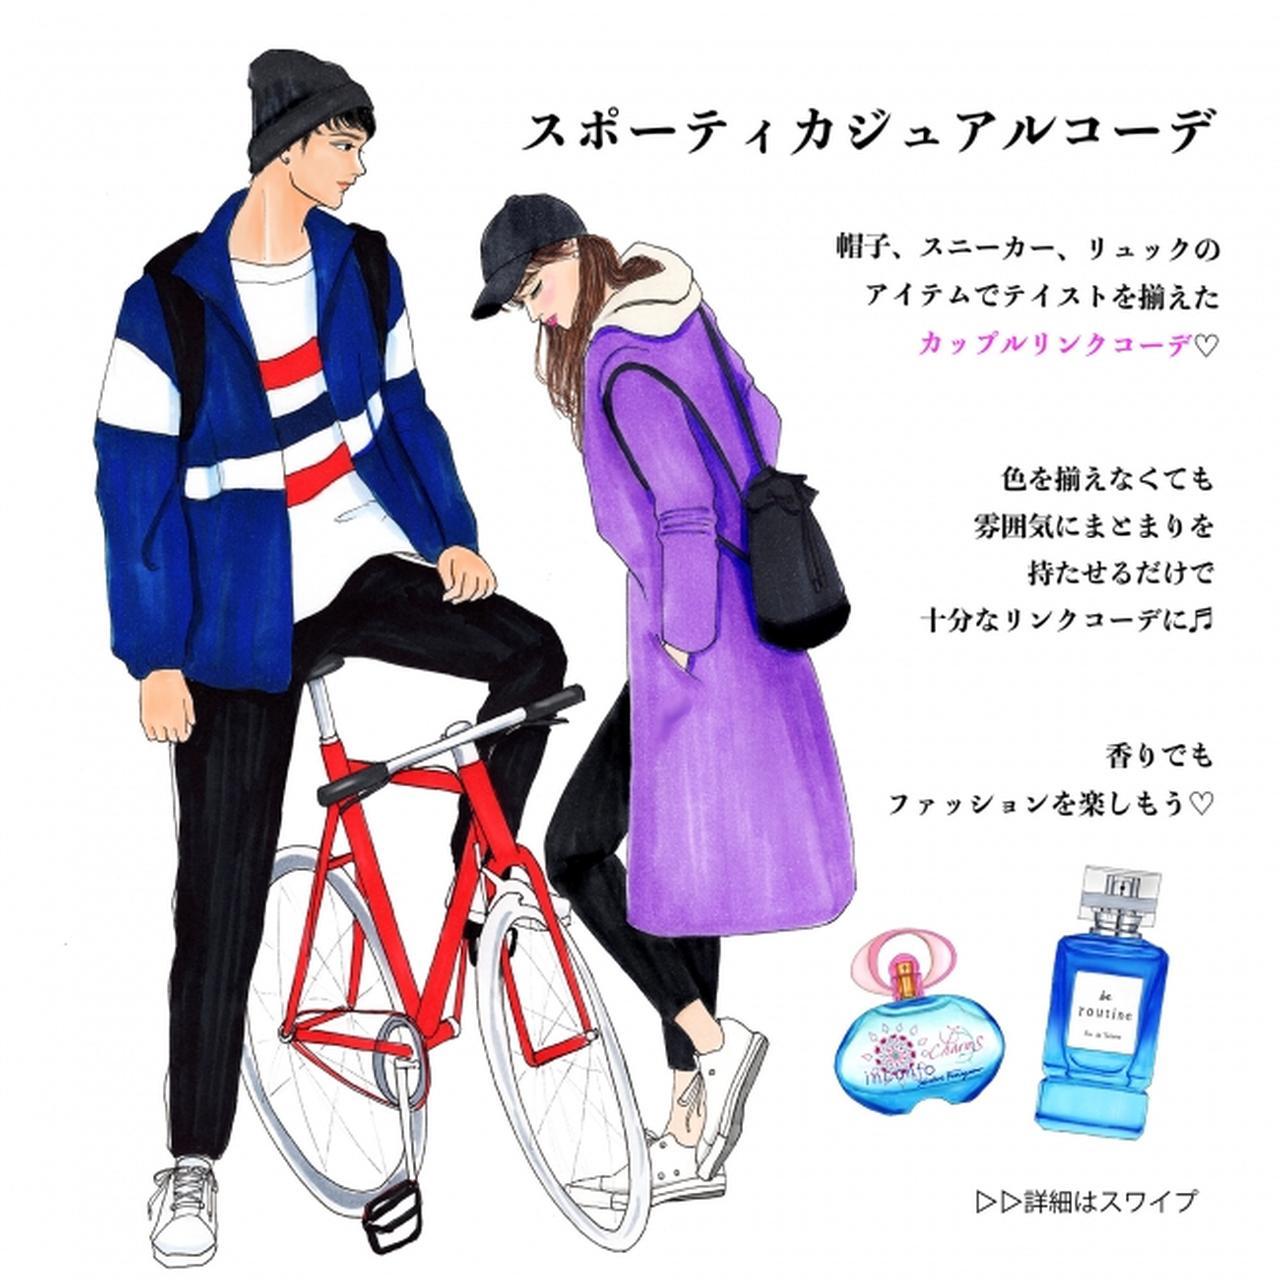 画像2: ファッション×香水スタイリング(Illustrated by momo)